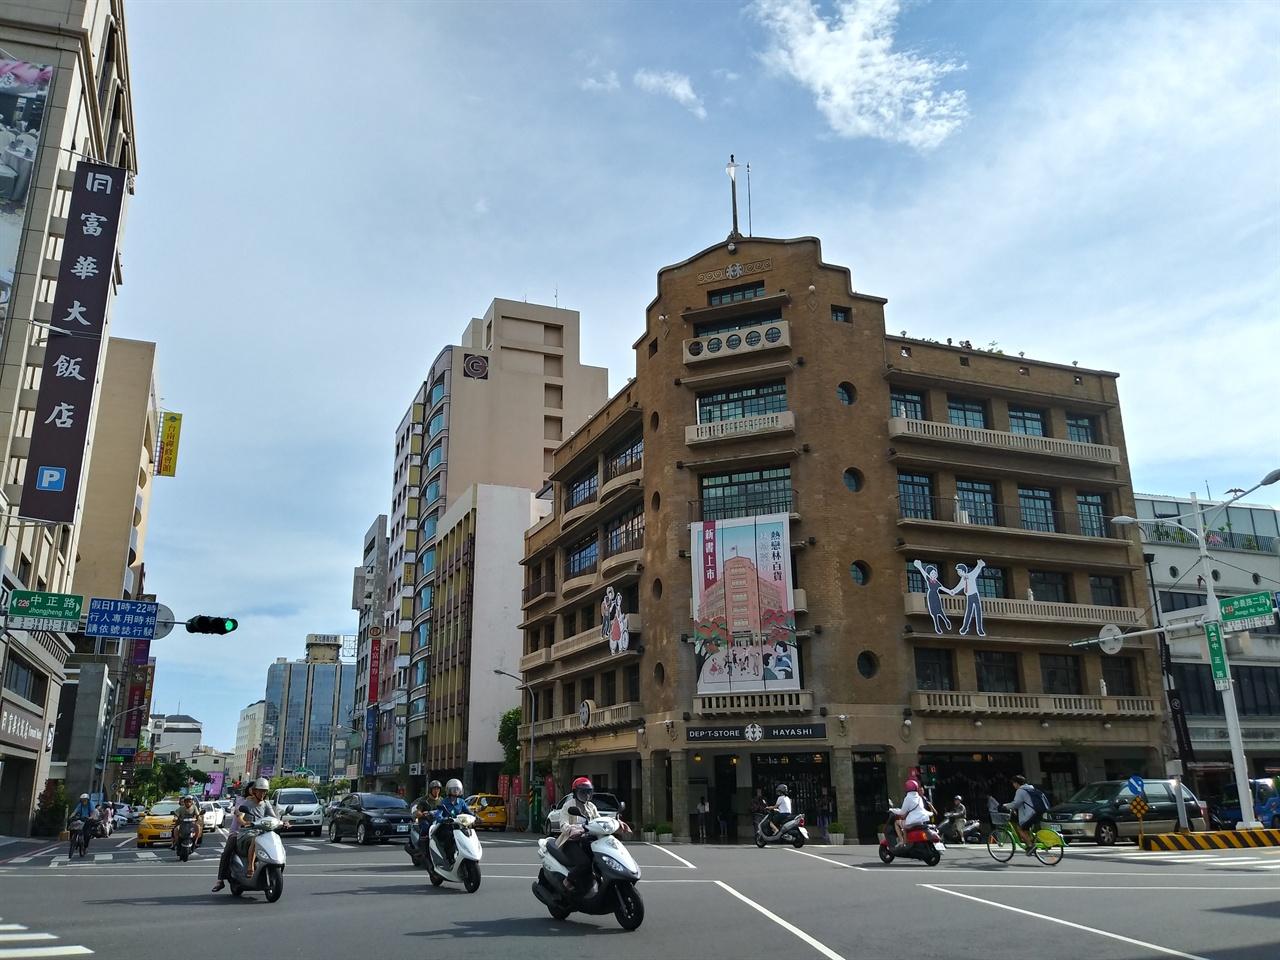 하야시 백화점 전경 타이난 시내 중심에 자리한 백화점으로, 식민지 시절 당시의 이름을 그대로 사용하고 있다.